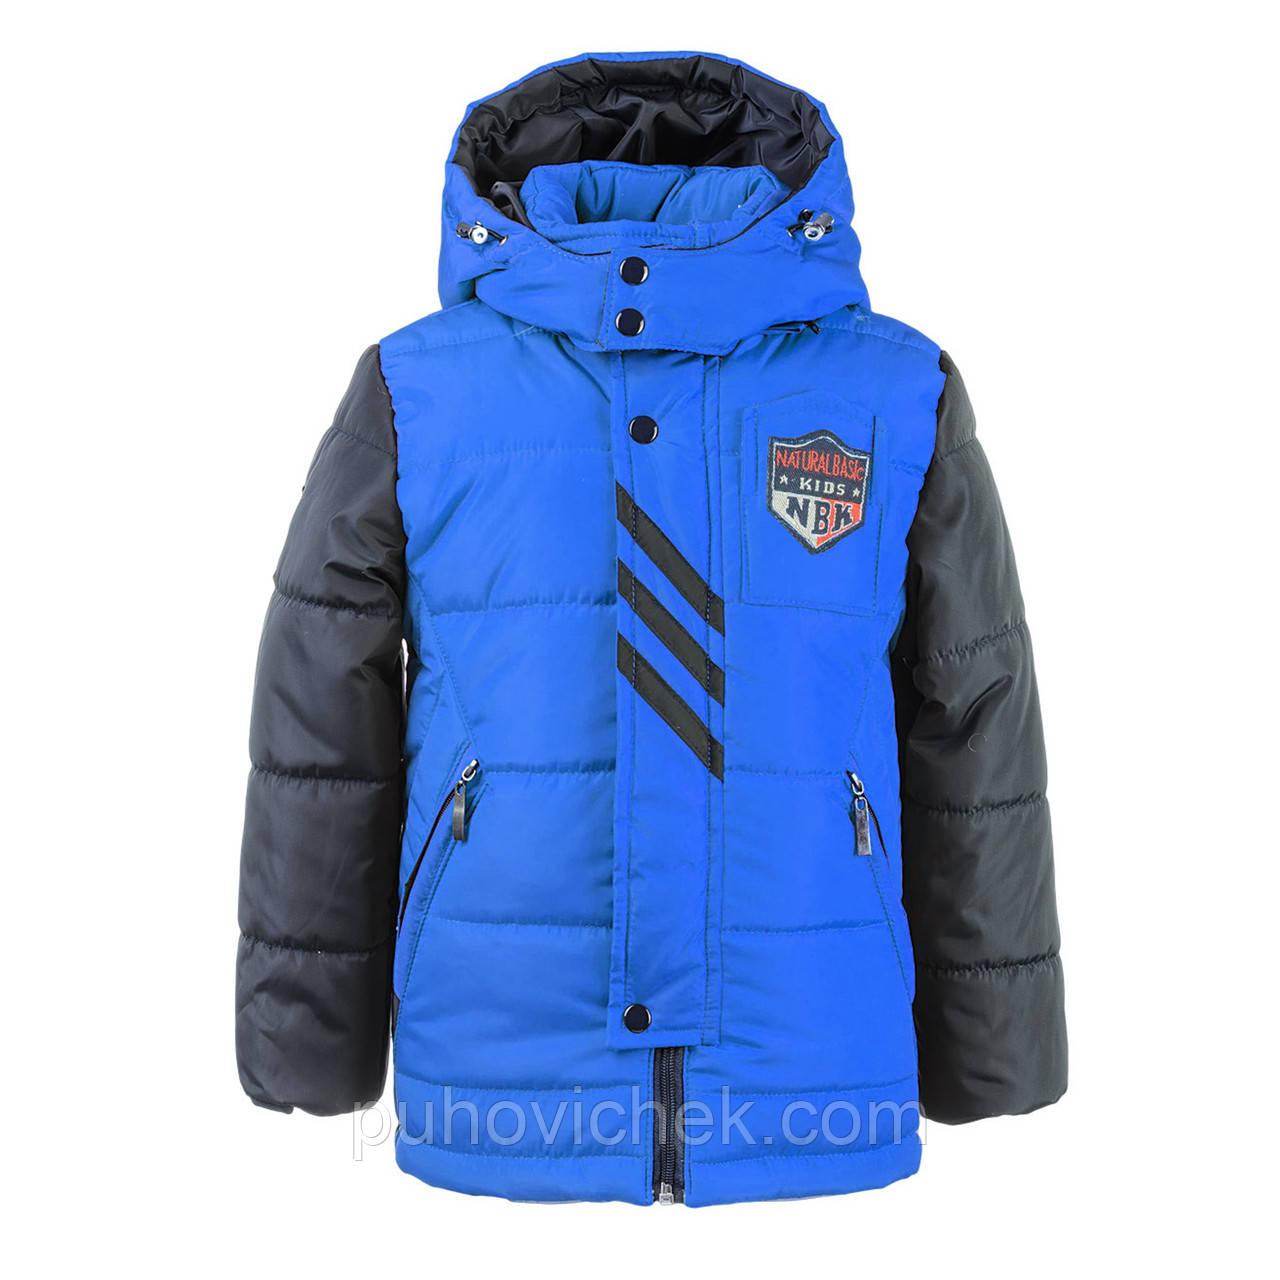 Куртка детская для мальчика весна осень размер 116-140